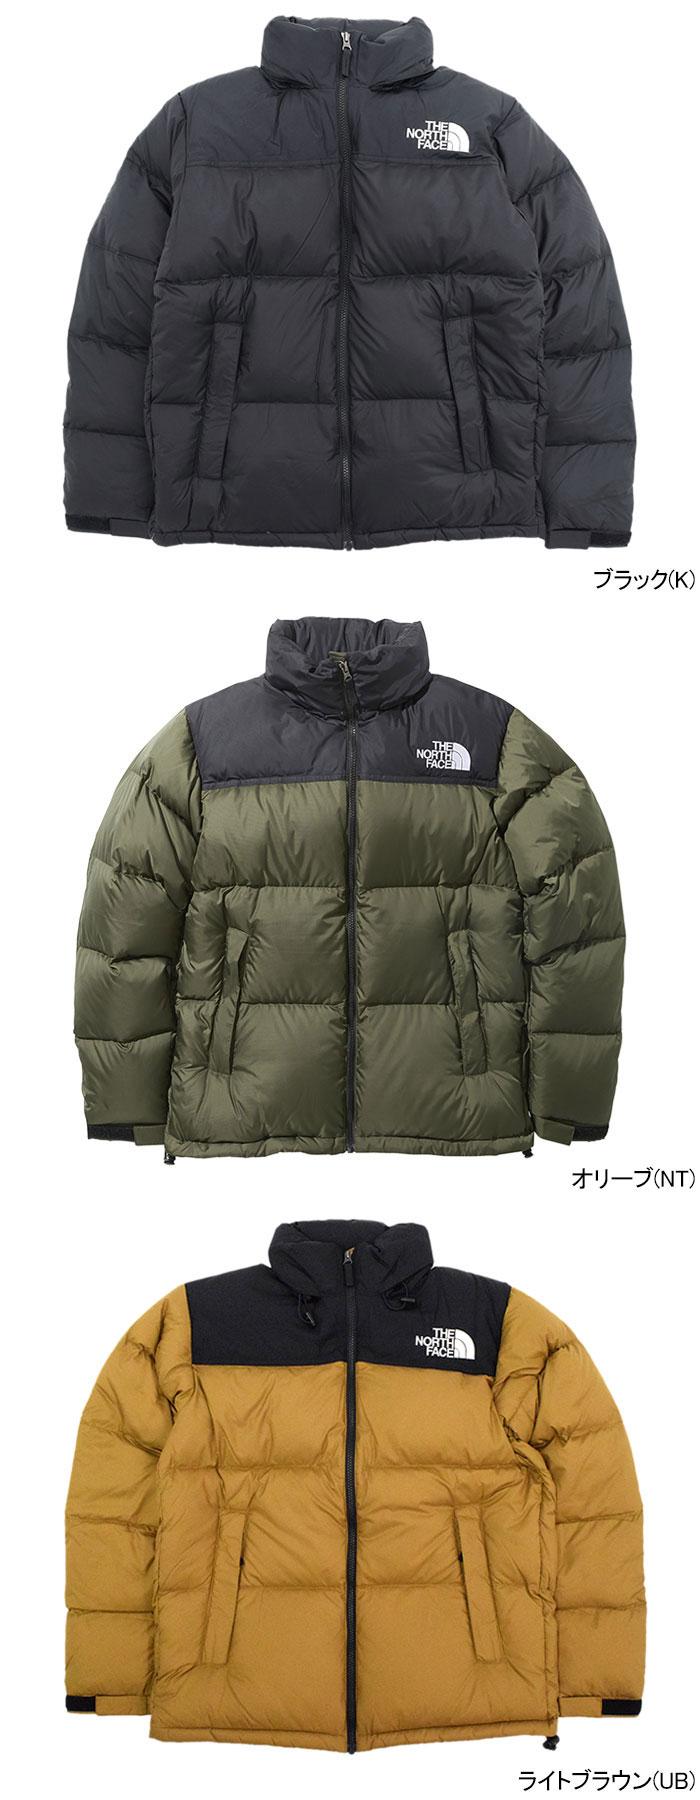 THE NORTH FACEザ ノースフェイスのジャケット Nuptse06